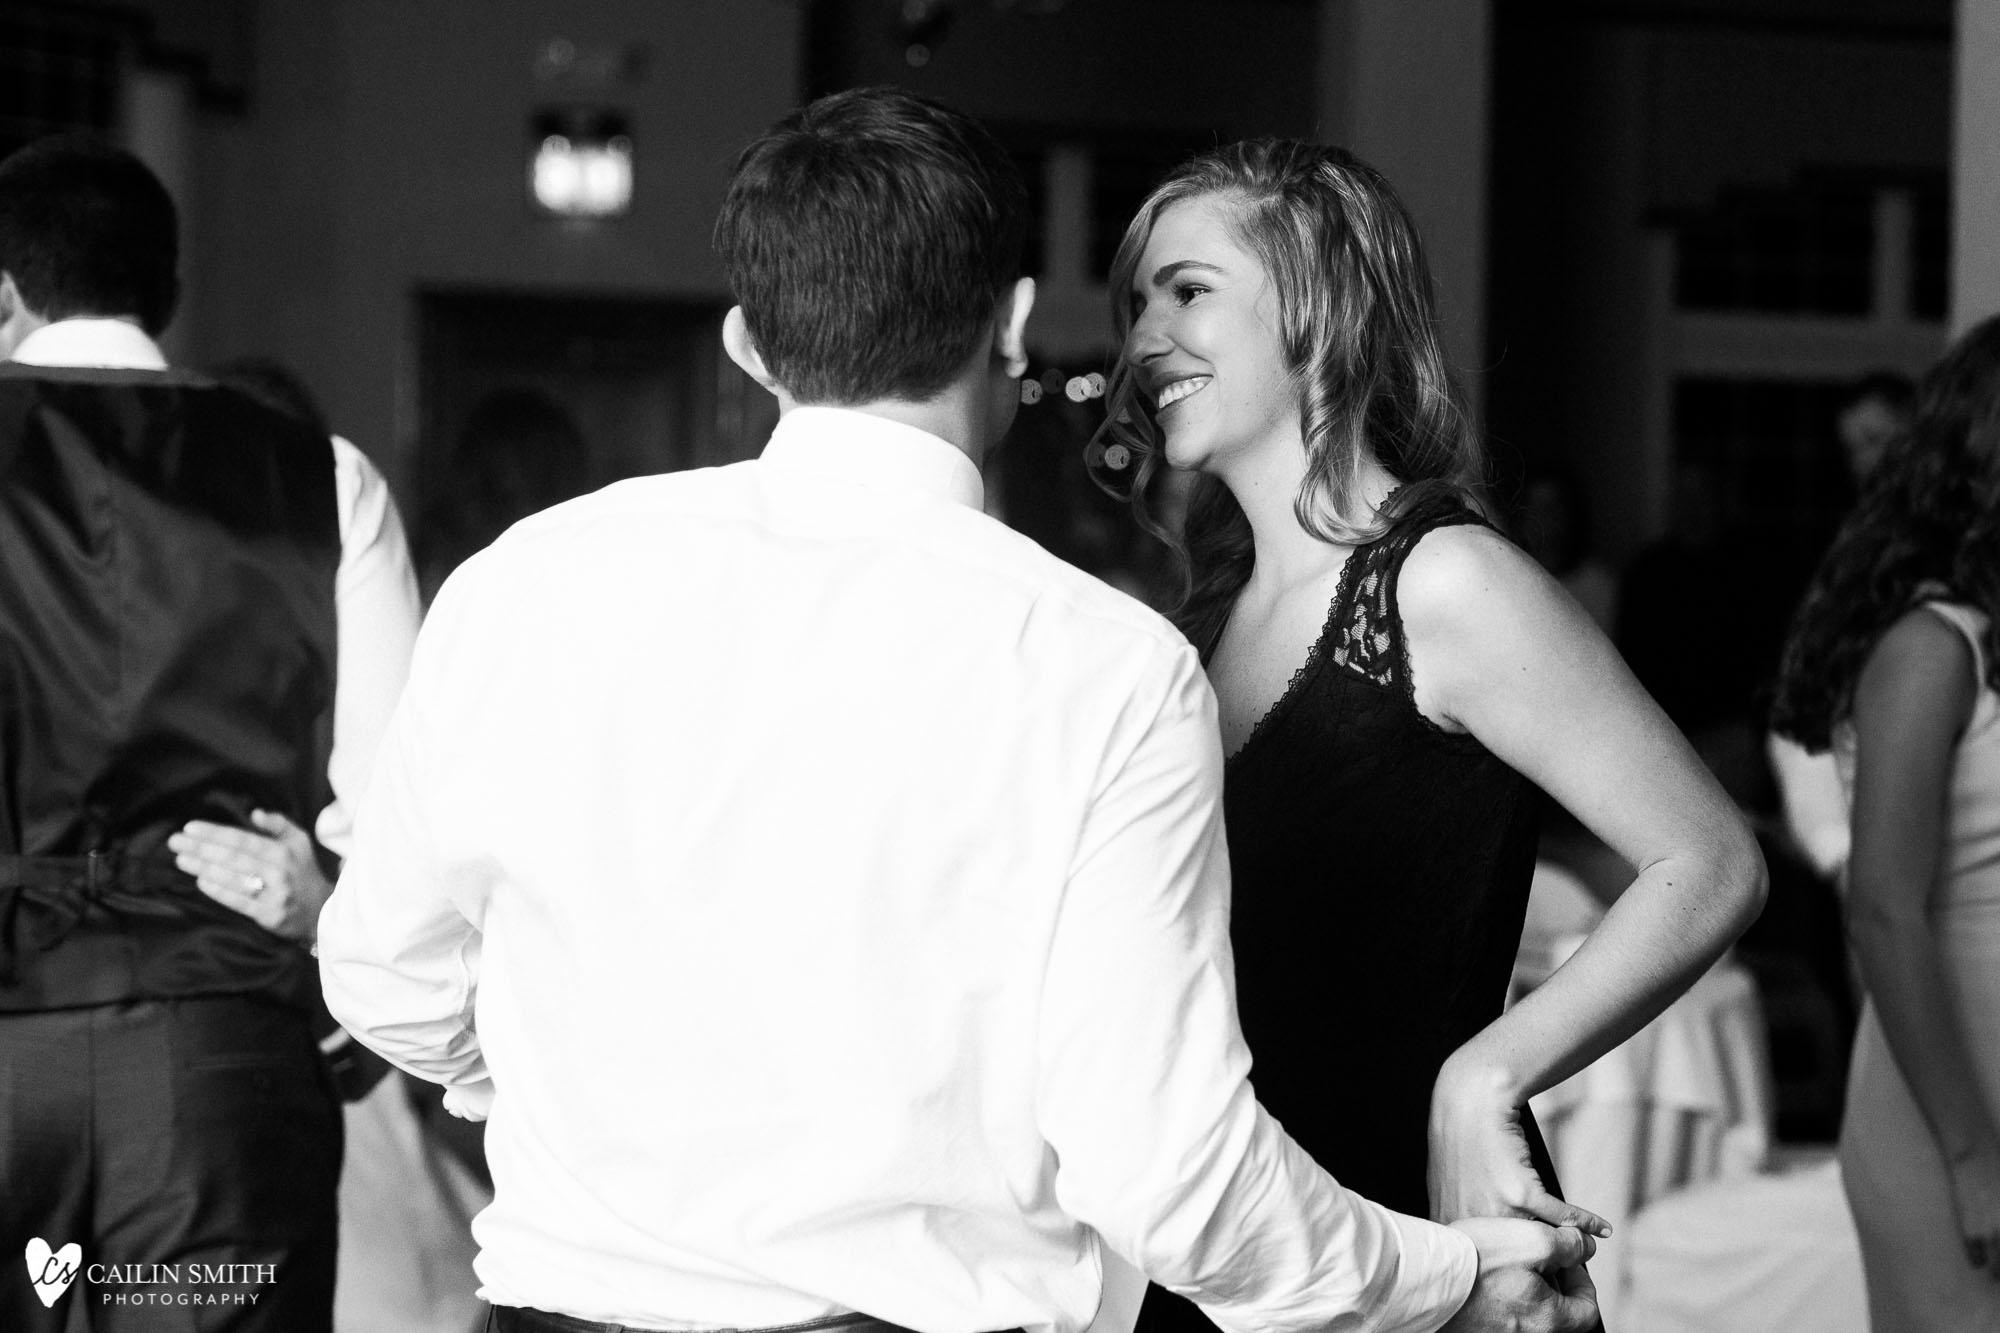 Leah_Major_St_Marys_Wedding_Photography_115.jpg